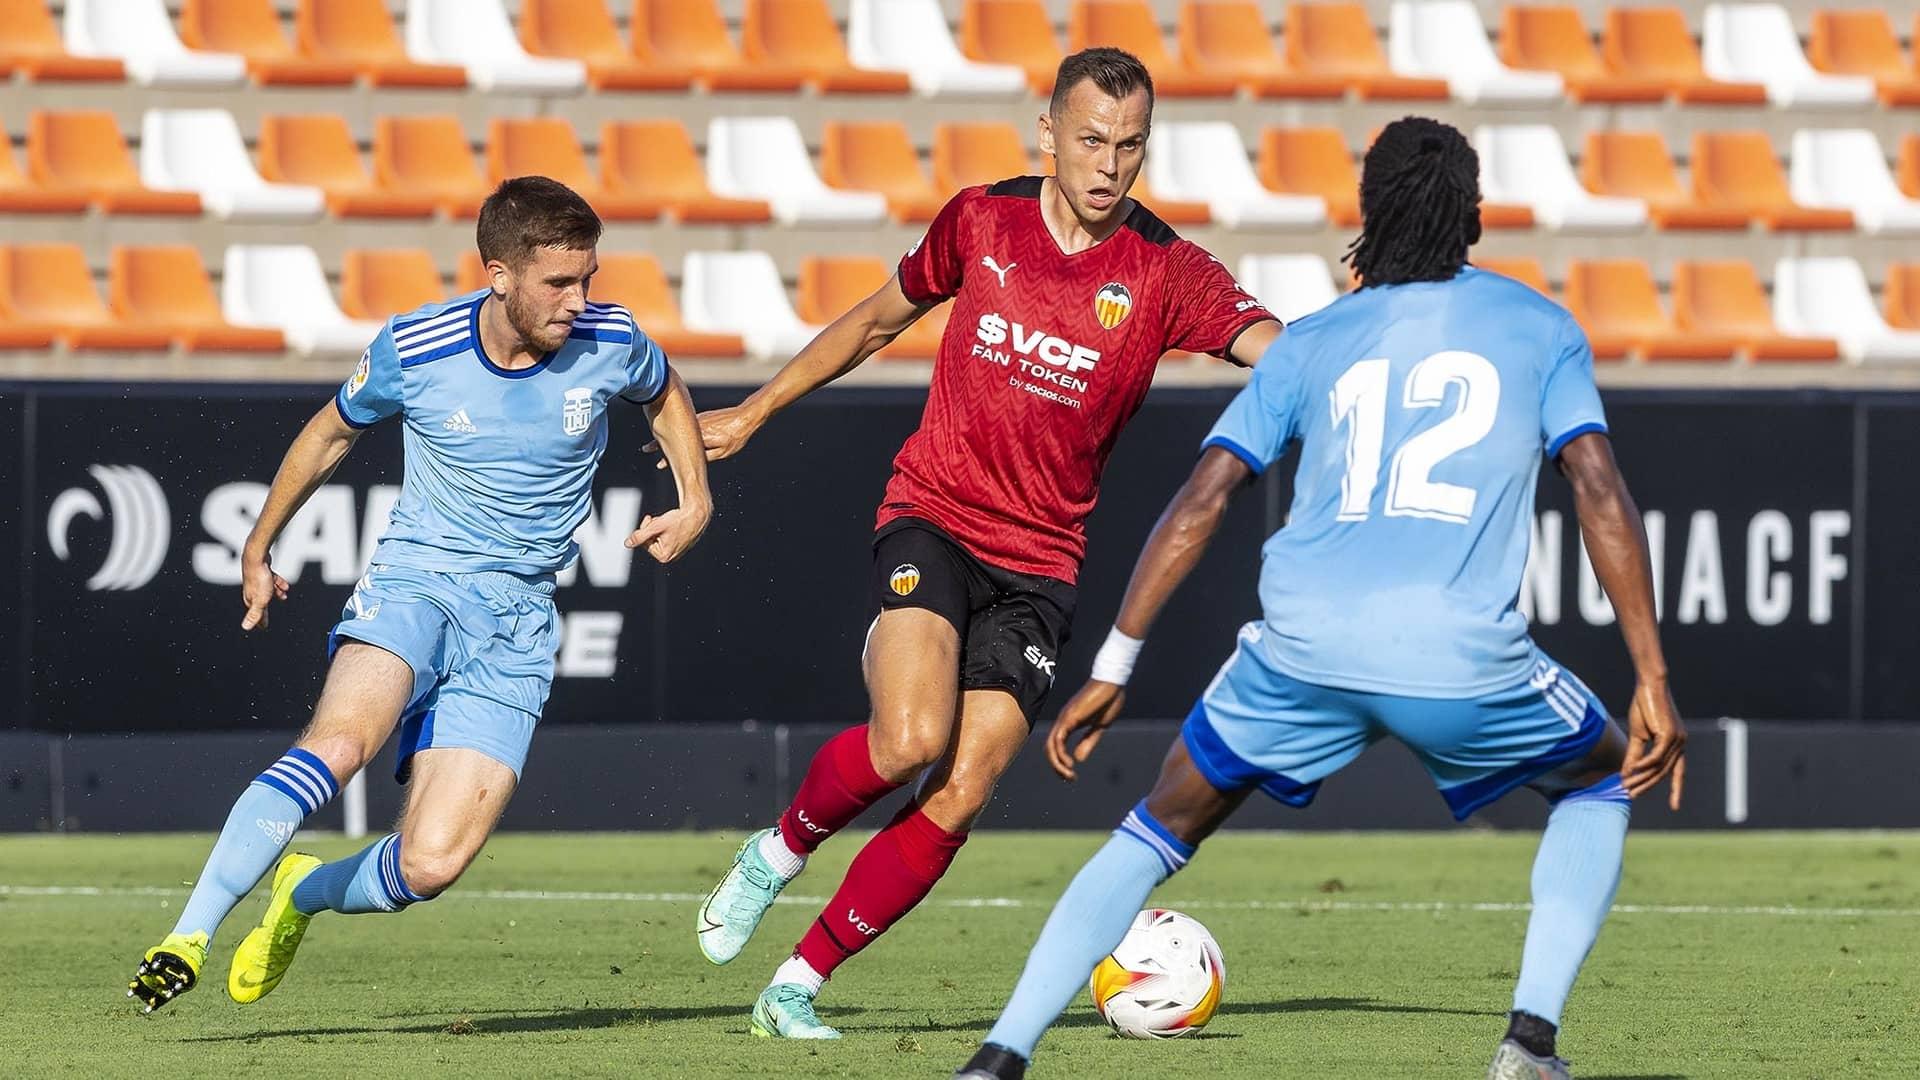 24.07.2021: Valencia CF 3 - 2 FC Cartagena